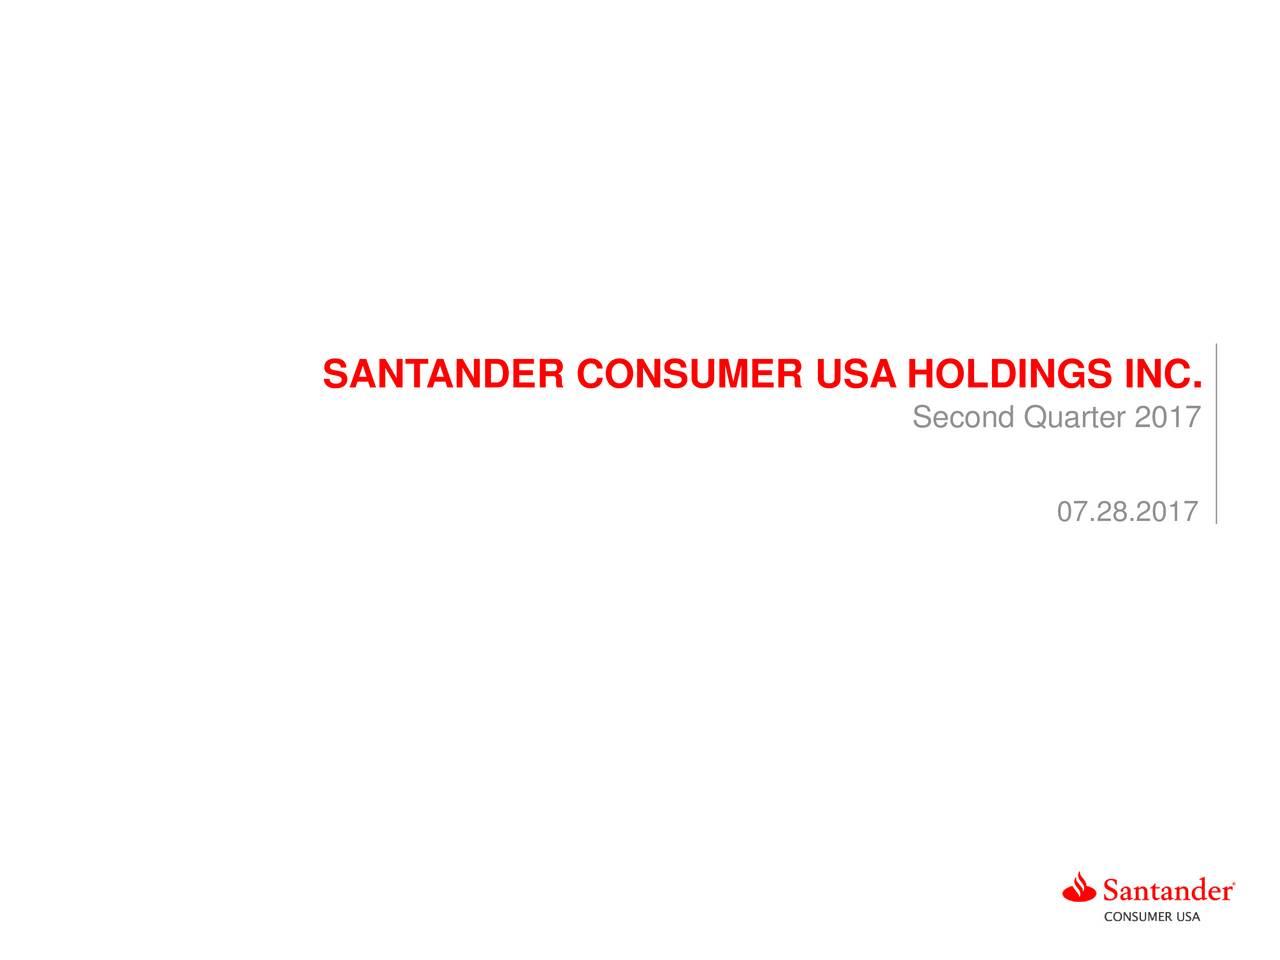 call santander consumer usa